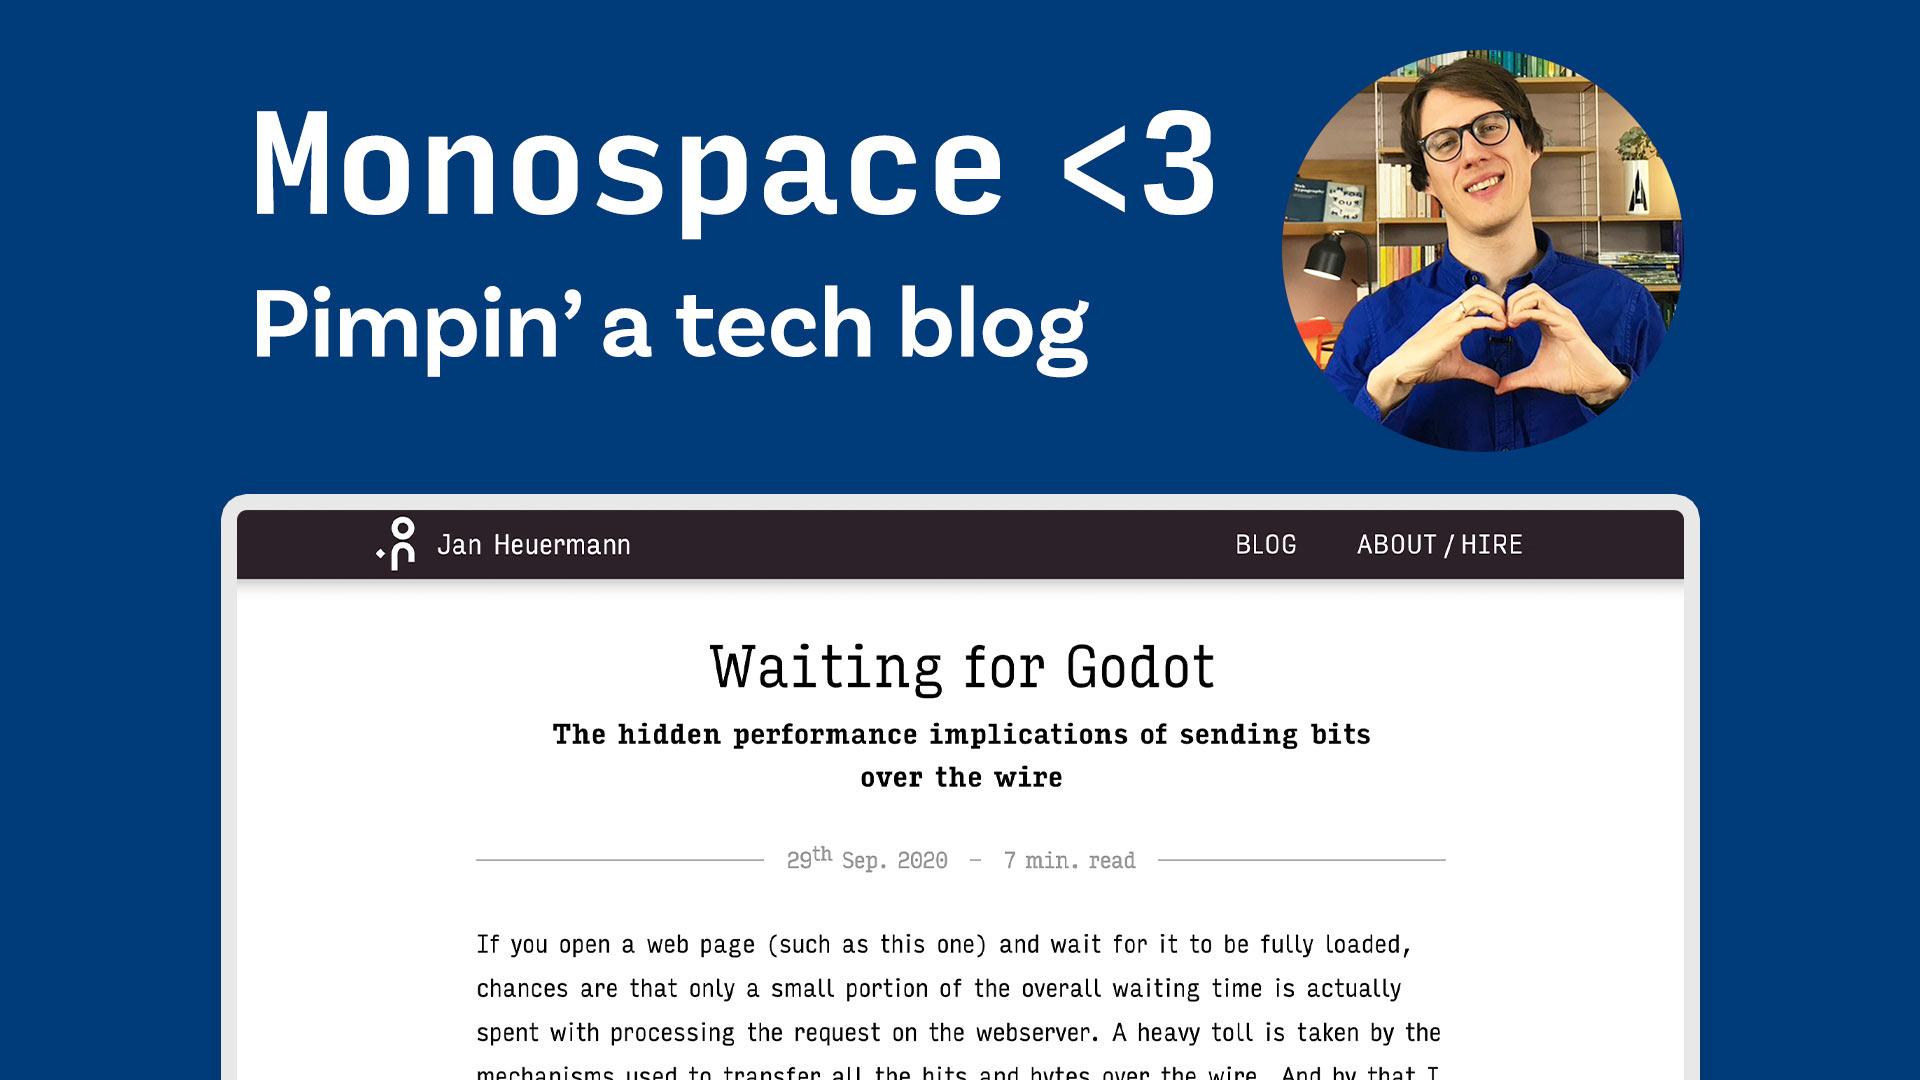 Monospace Love – Pimpin' a tech blog